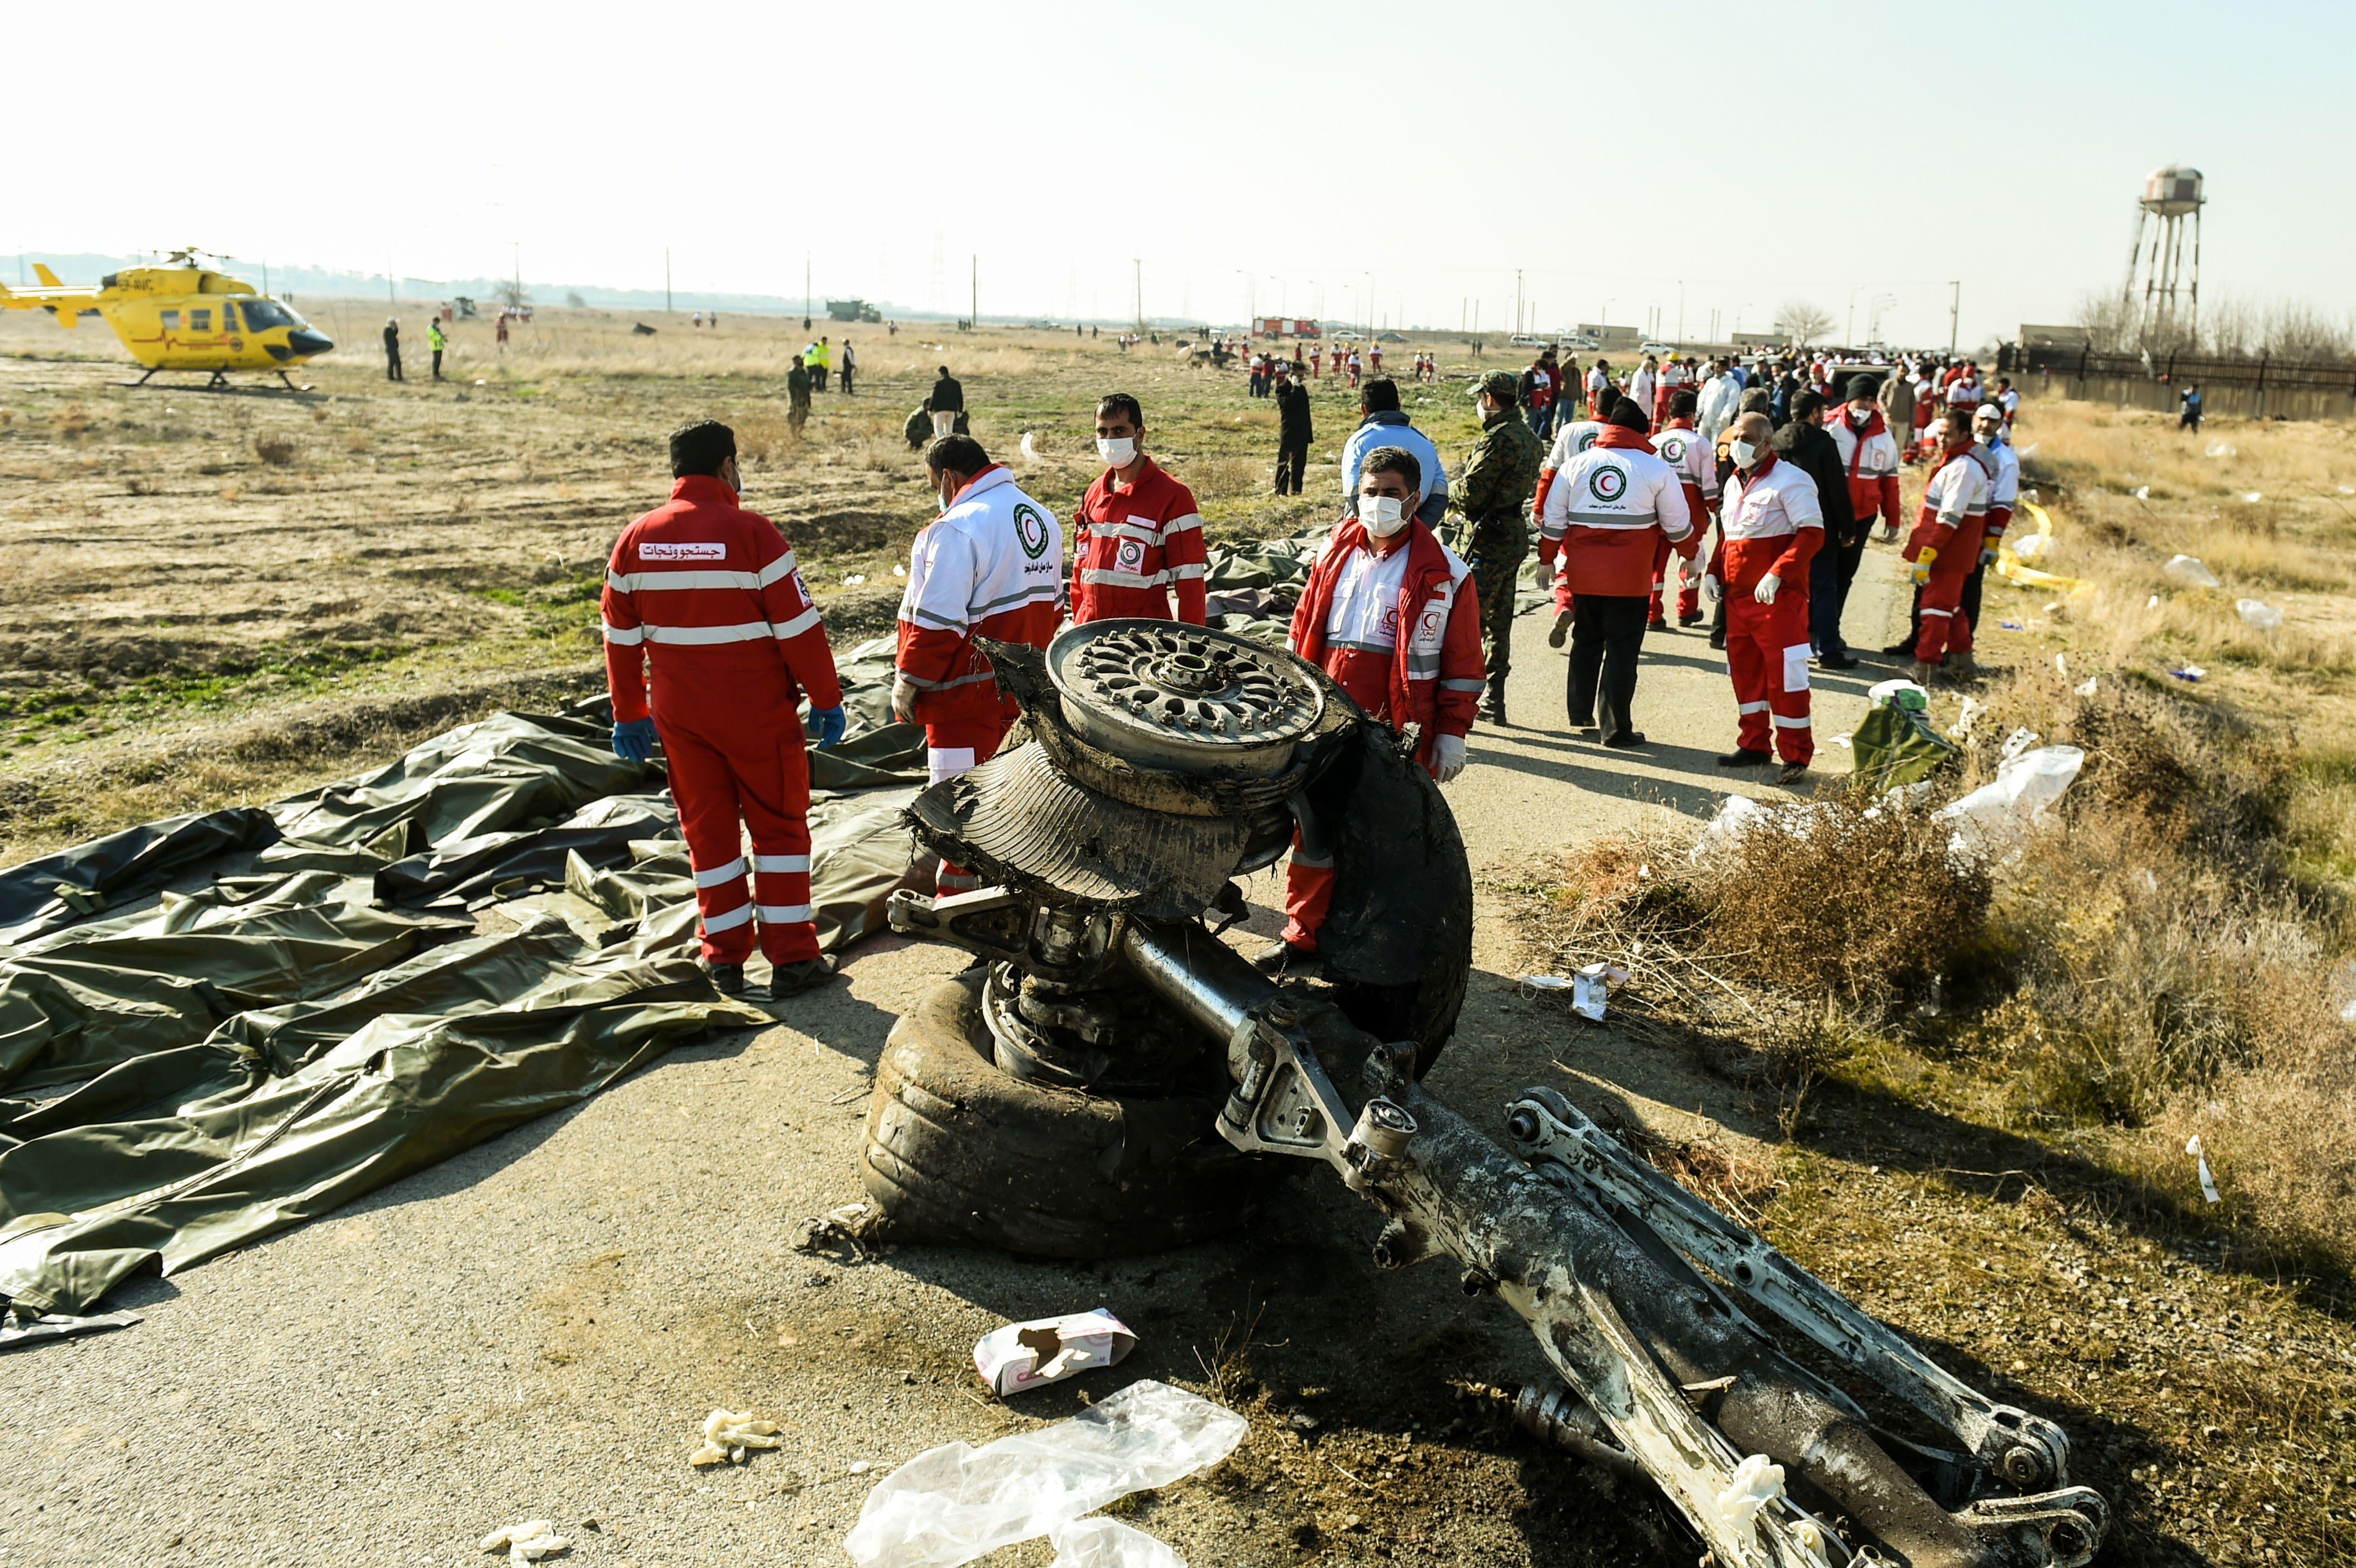 фото з місця аварії літака МАУ в Ірані катастрофа фото розбитий літак МАУ